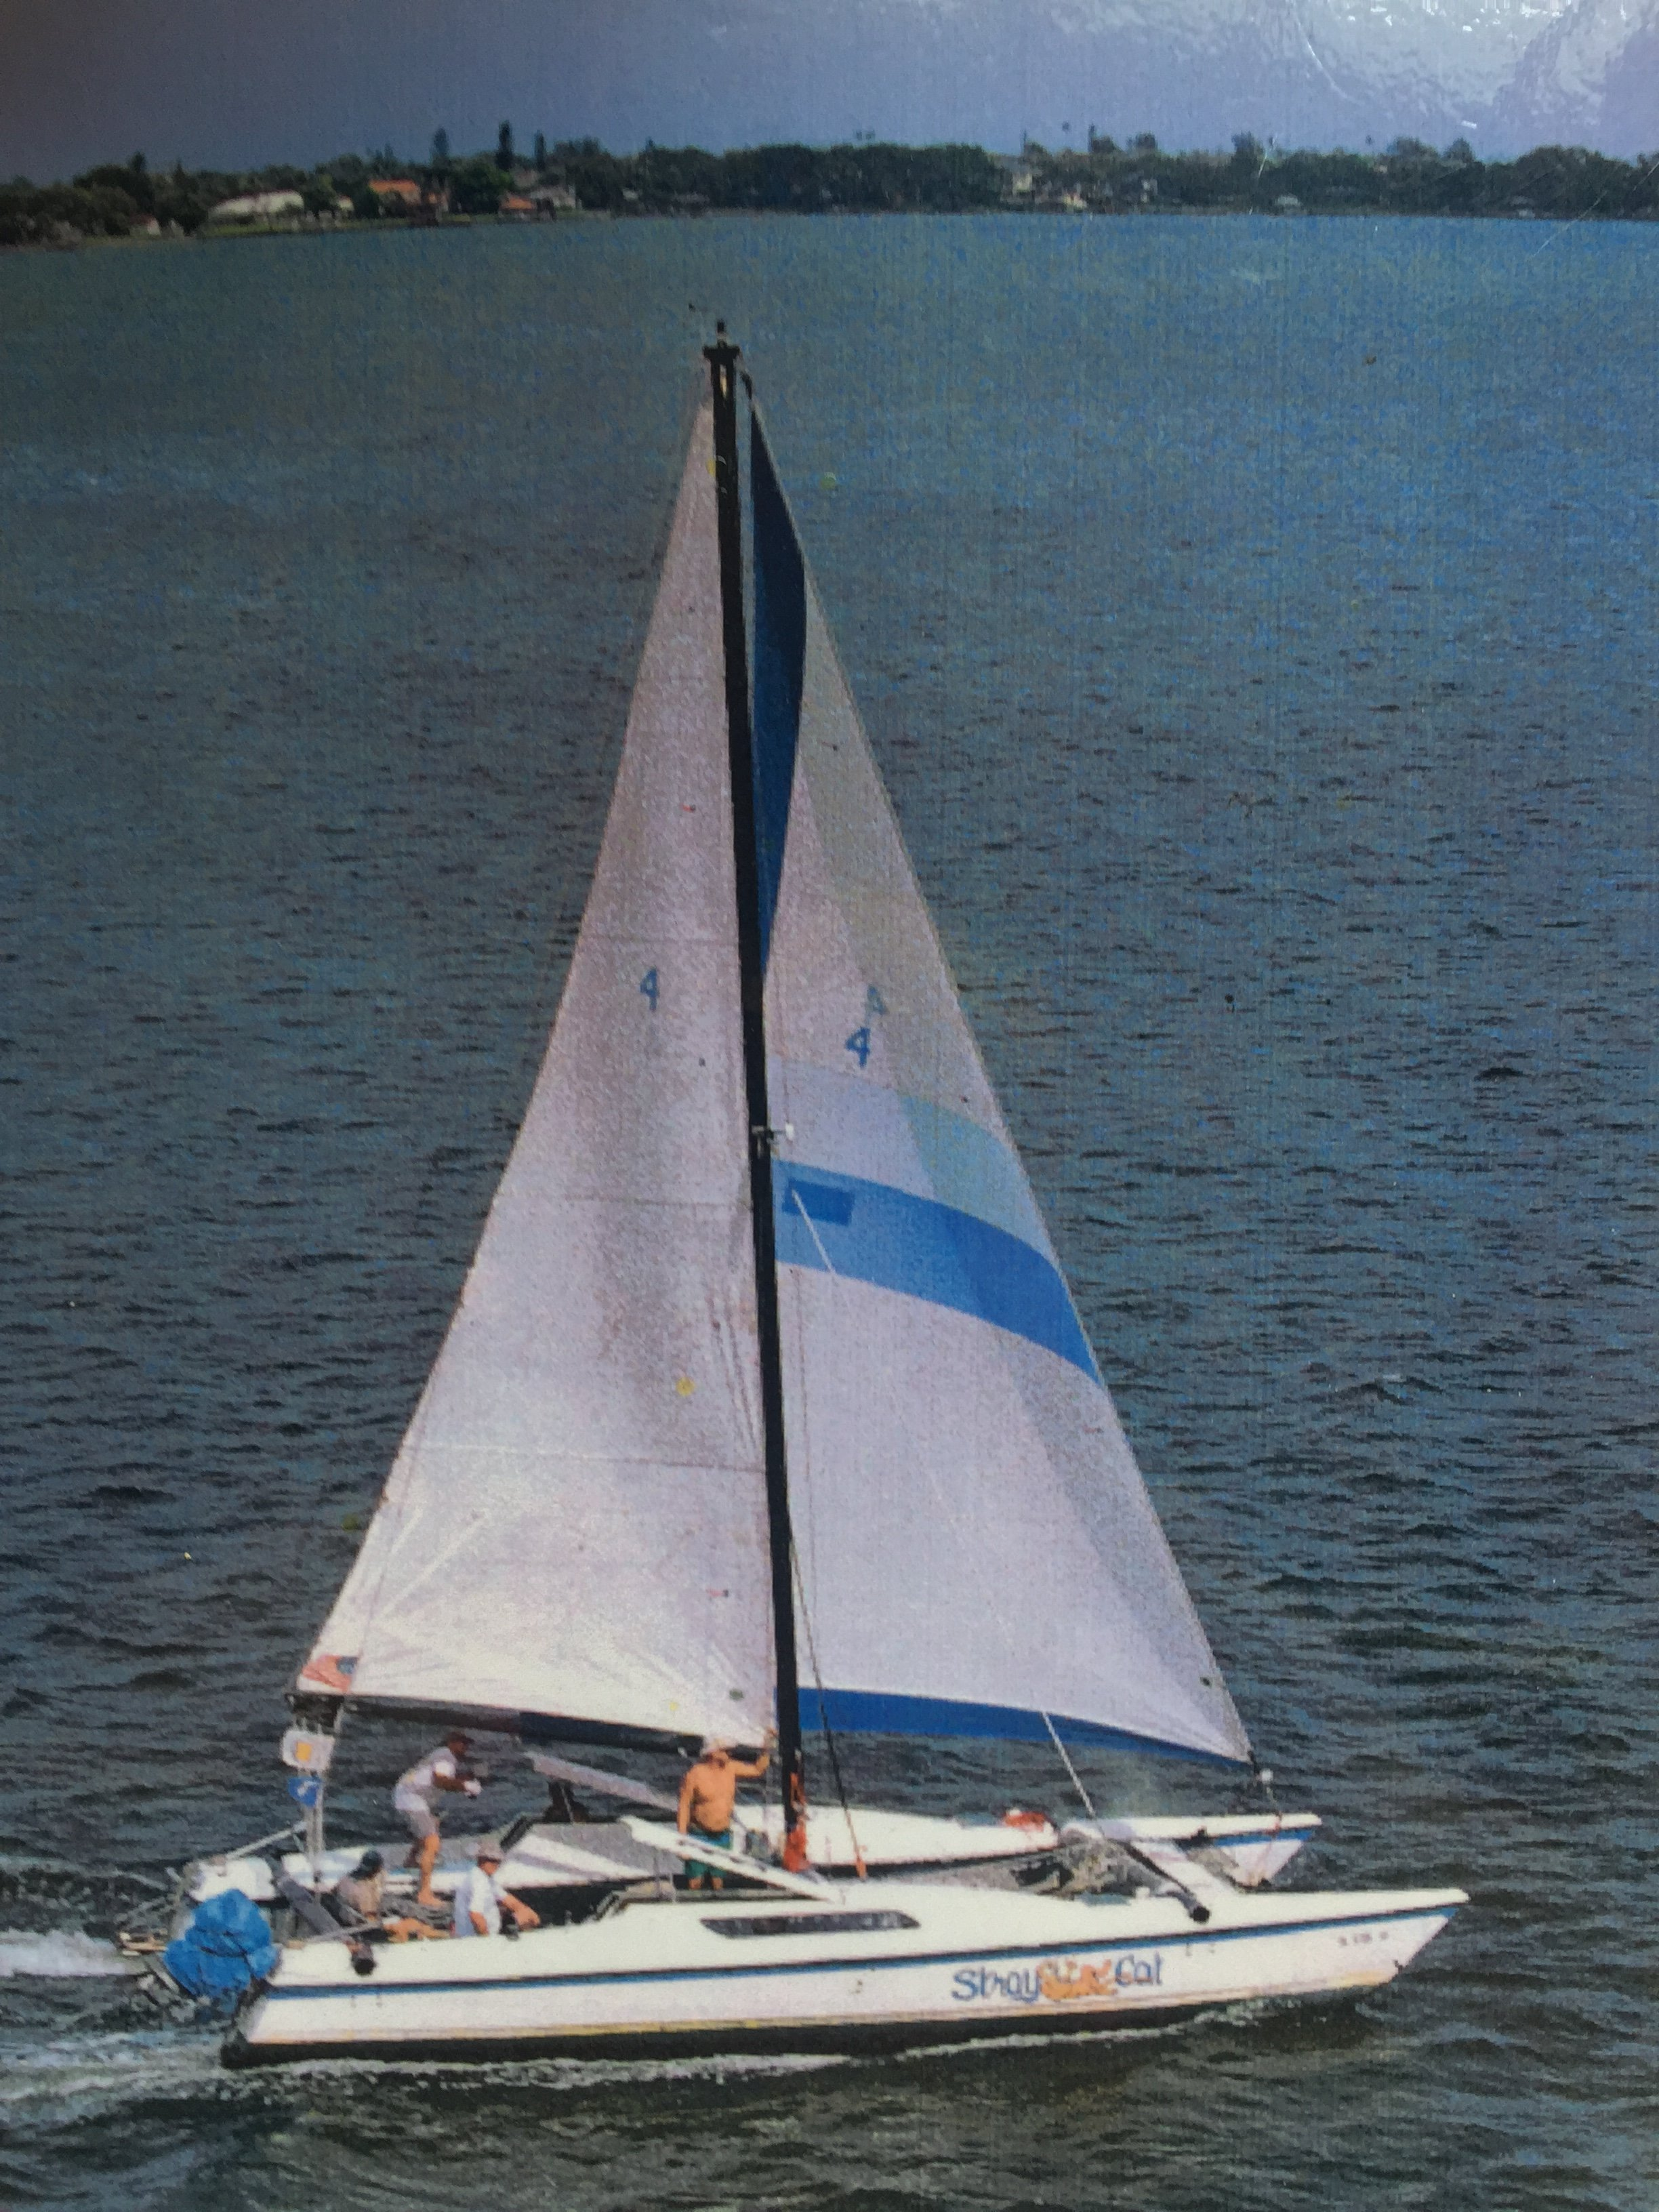 Macgregor 36 Catamaran